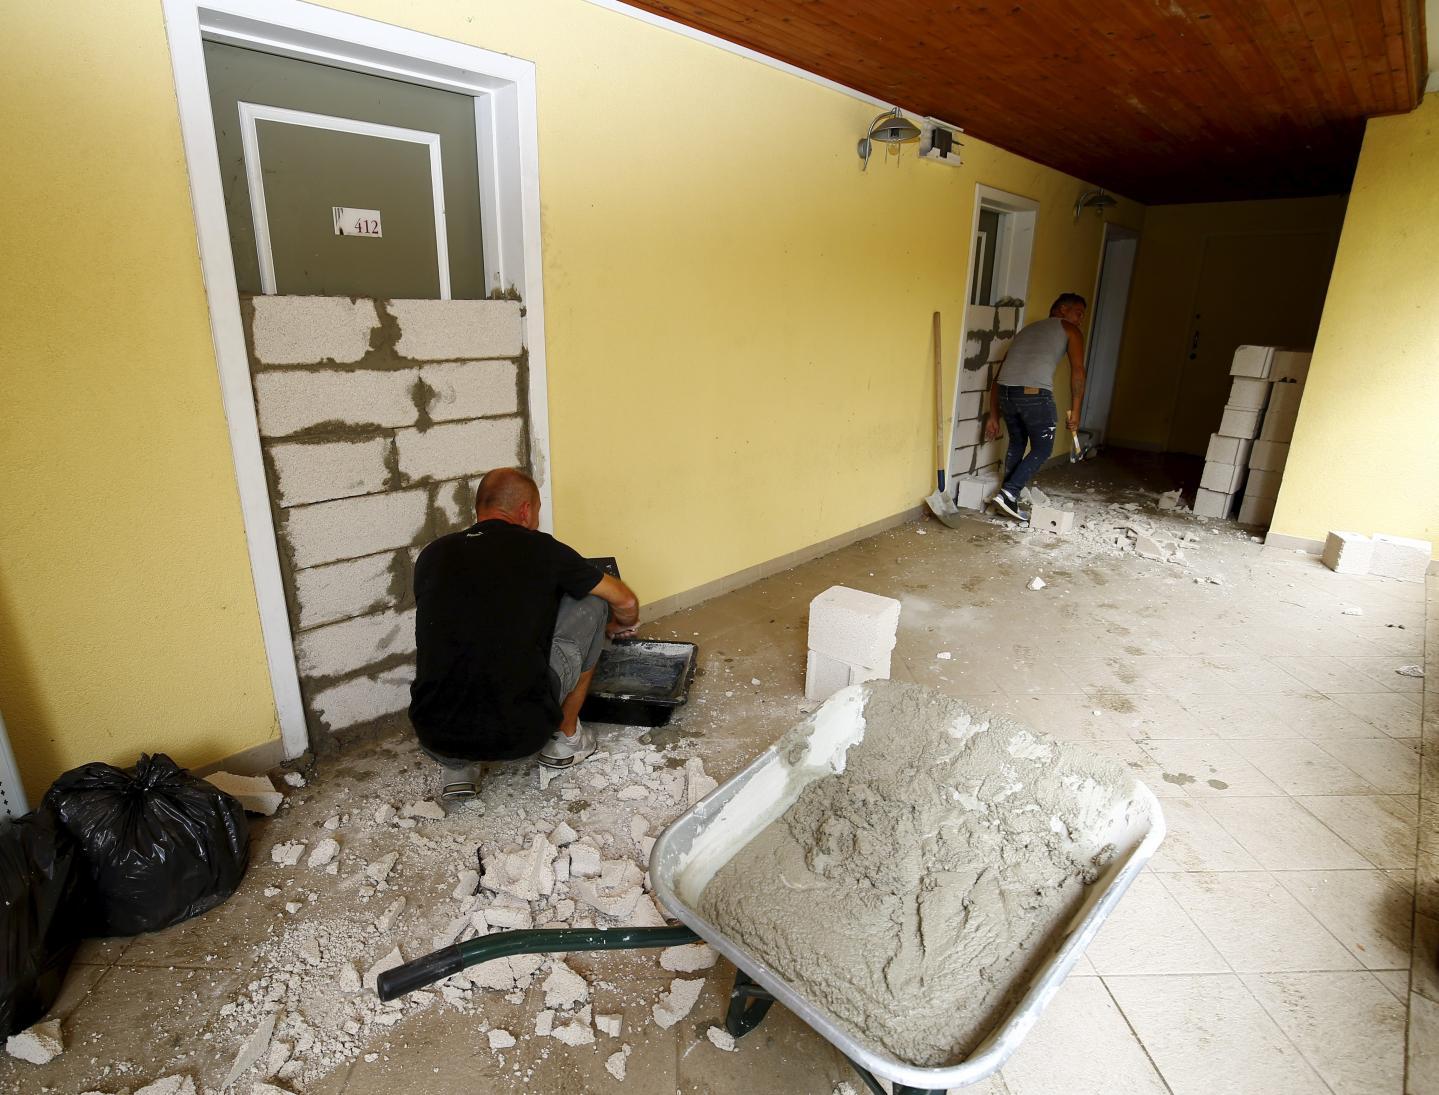 Certains ont opté pour une méthode radicale afin de tenter de préserver leurs logements des intrusions : les faire murer.